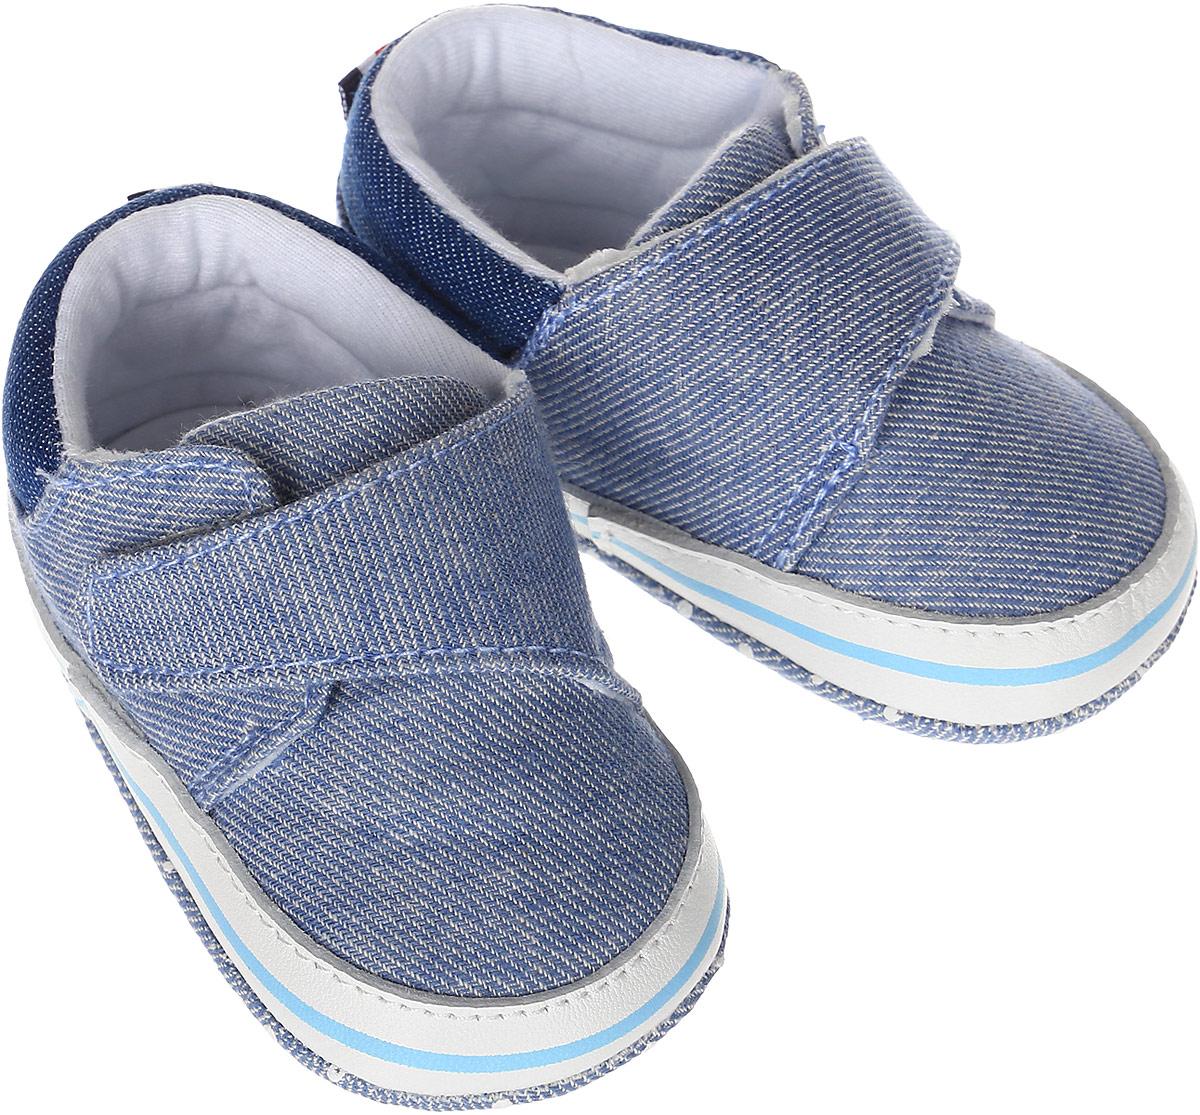 Пинетки10126Стильные и модные пинетки для мальчика Kapika выполнены из хлопкового текстиля с элементами из натуральной кожи. Модель на липучке с имитацией шнуровки, которая надежно фиксирует пинетки на ножке ребенка и позволяет регулировать их объем. Удобные детские пинетки станут любимой обувью вашего ребенка.